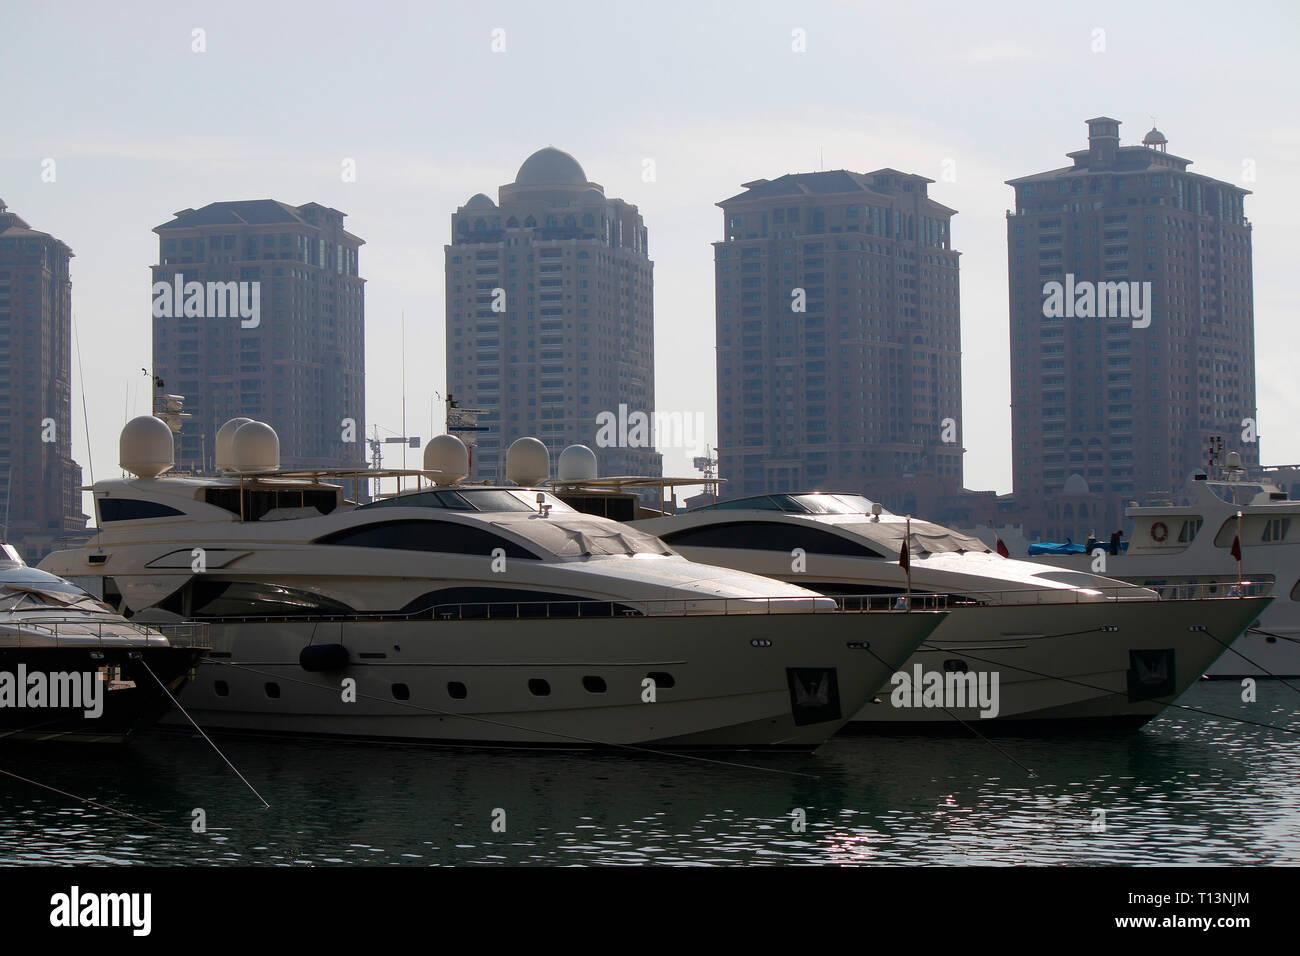 Impressionen: Yachten, Wolkenkratzer, Doha, Katar/ Qata. - Stock Image